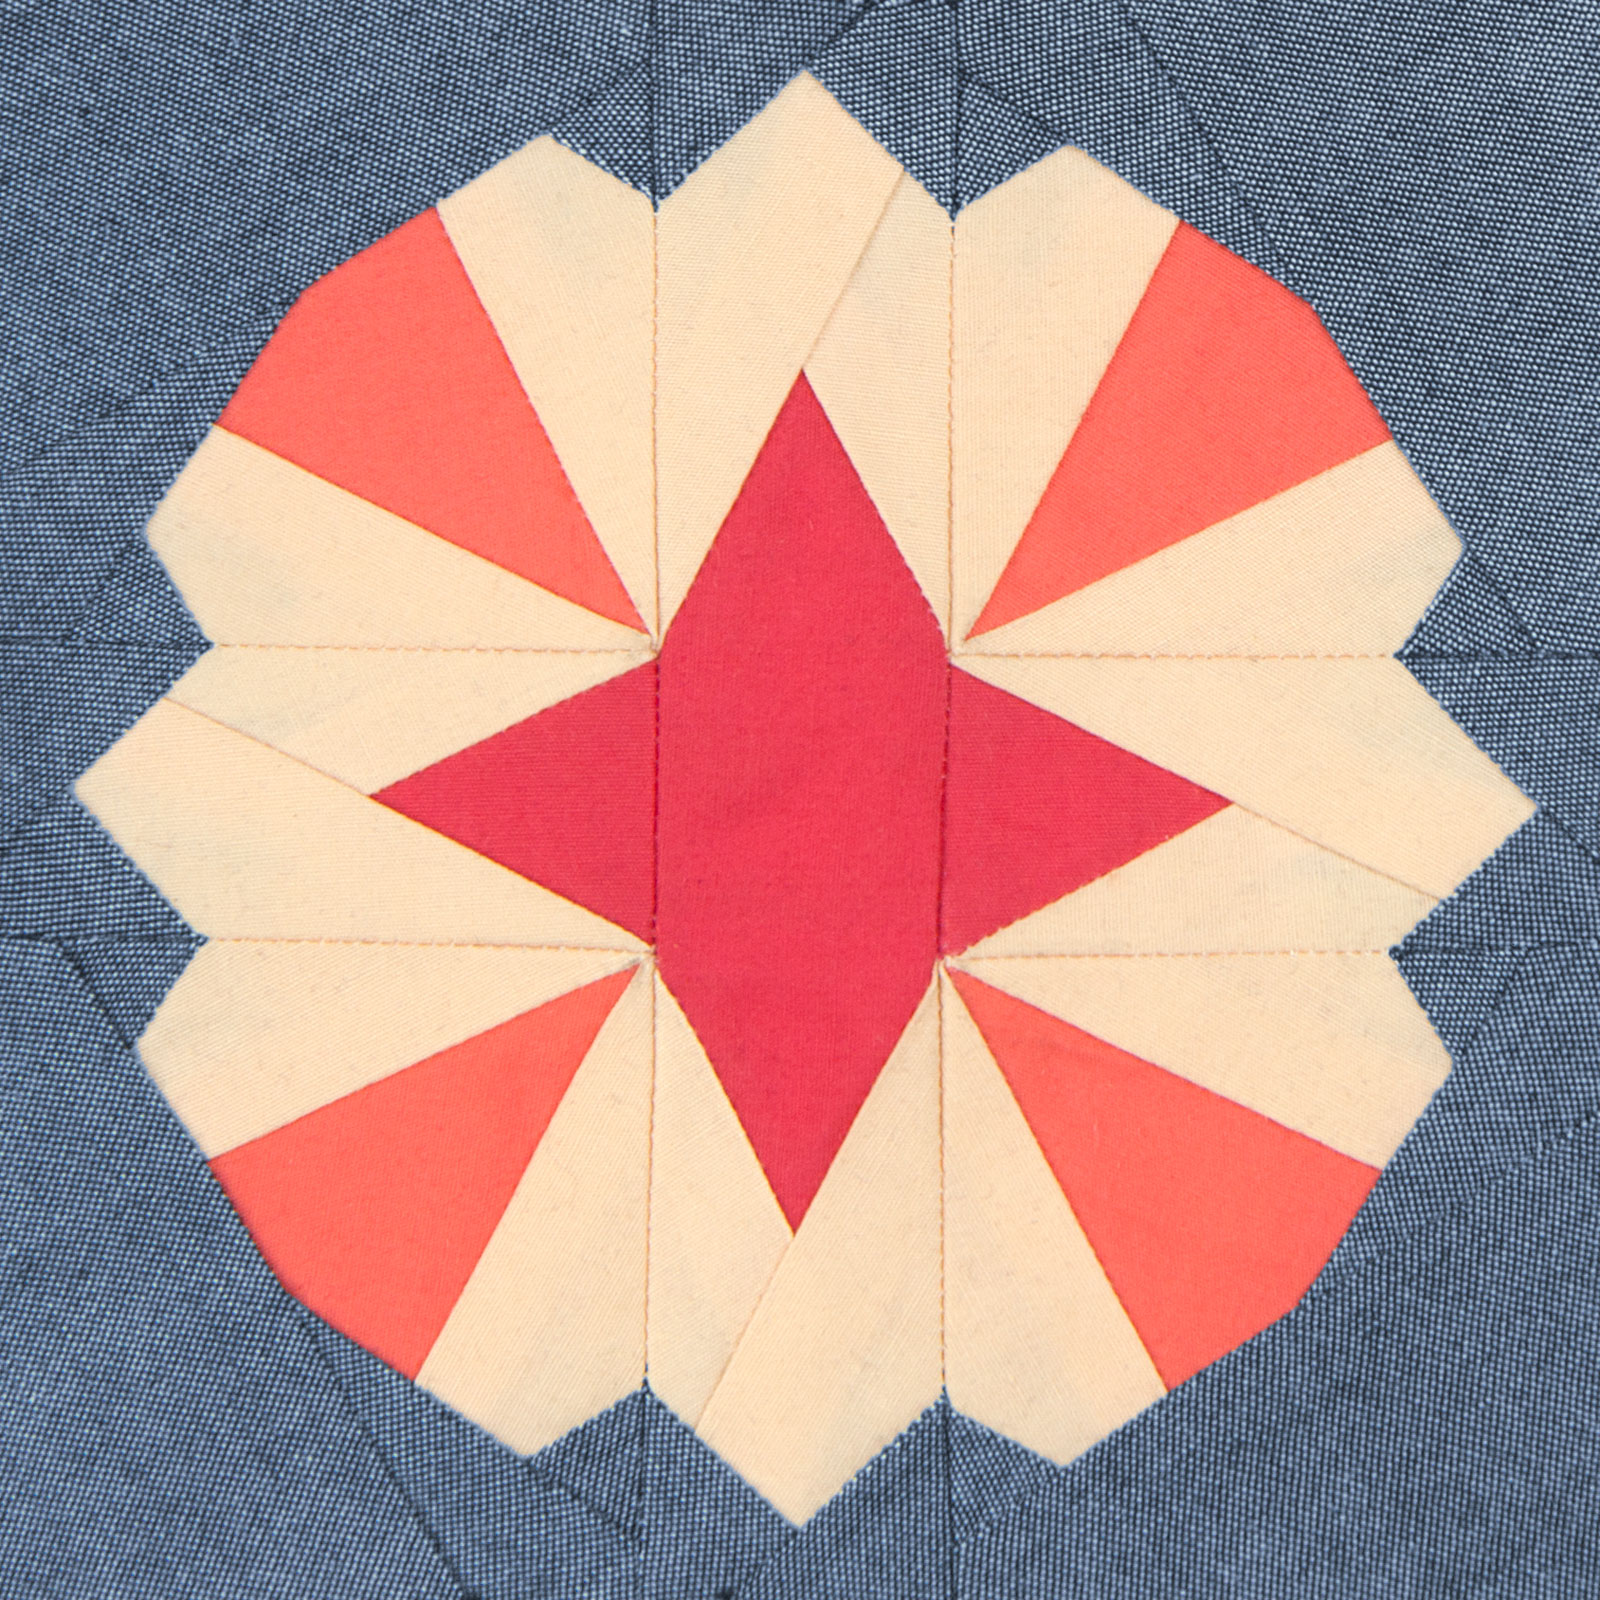 Lodestars quilt block #44: Helen